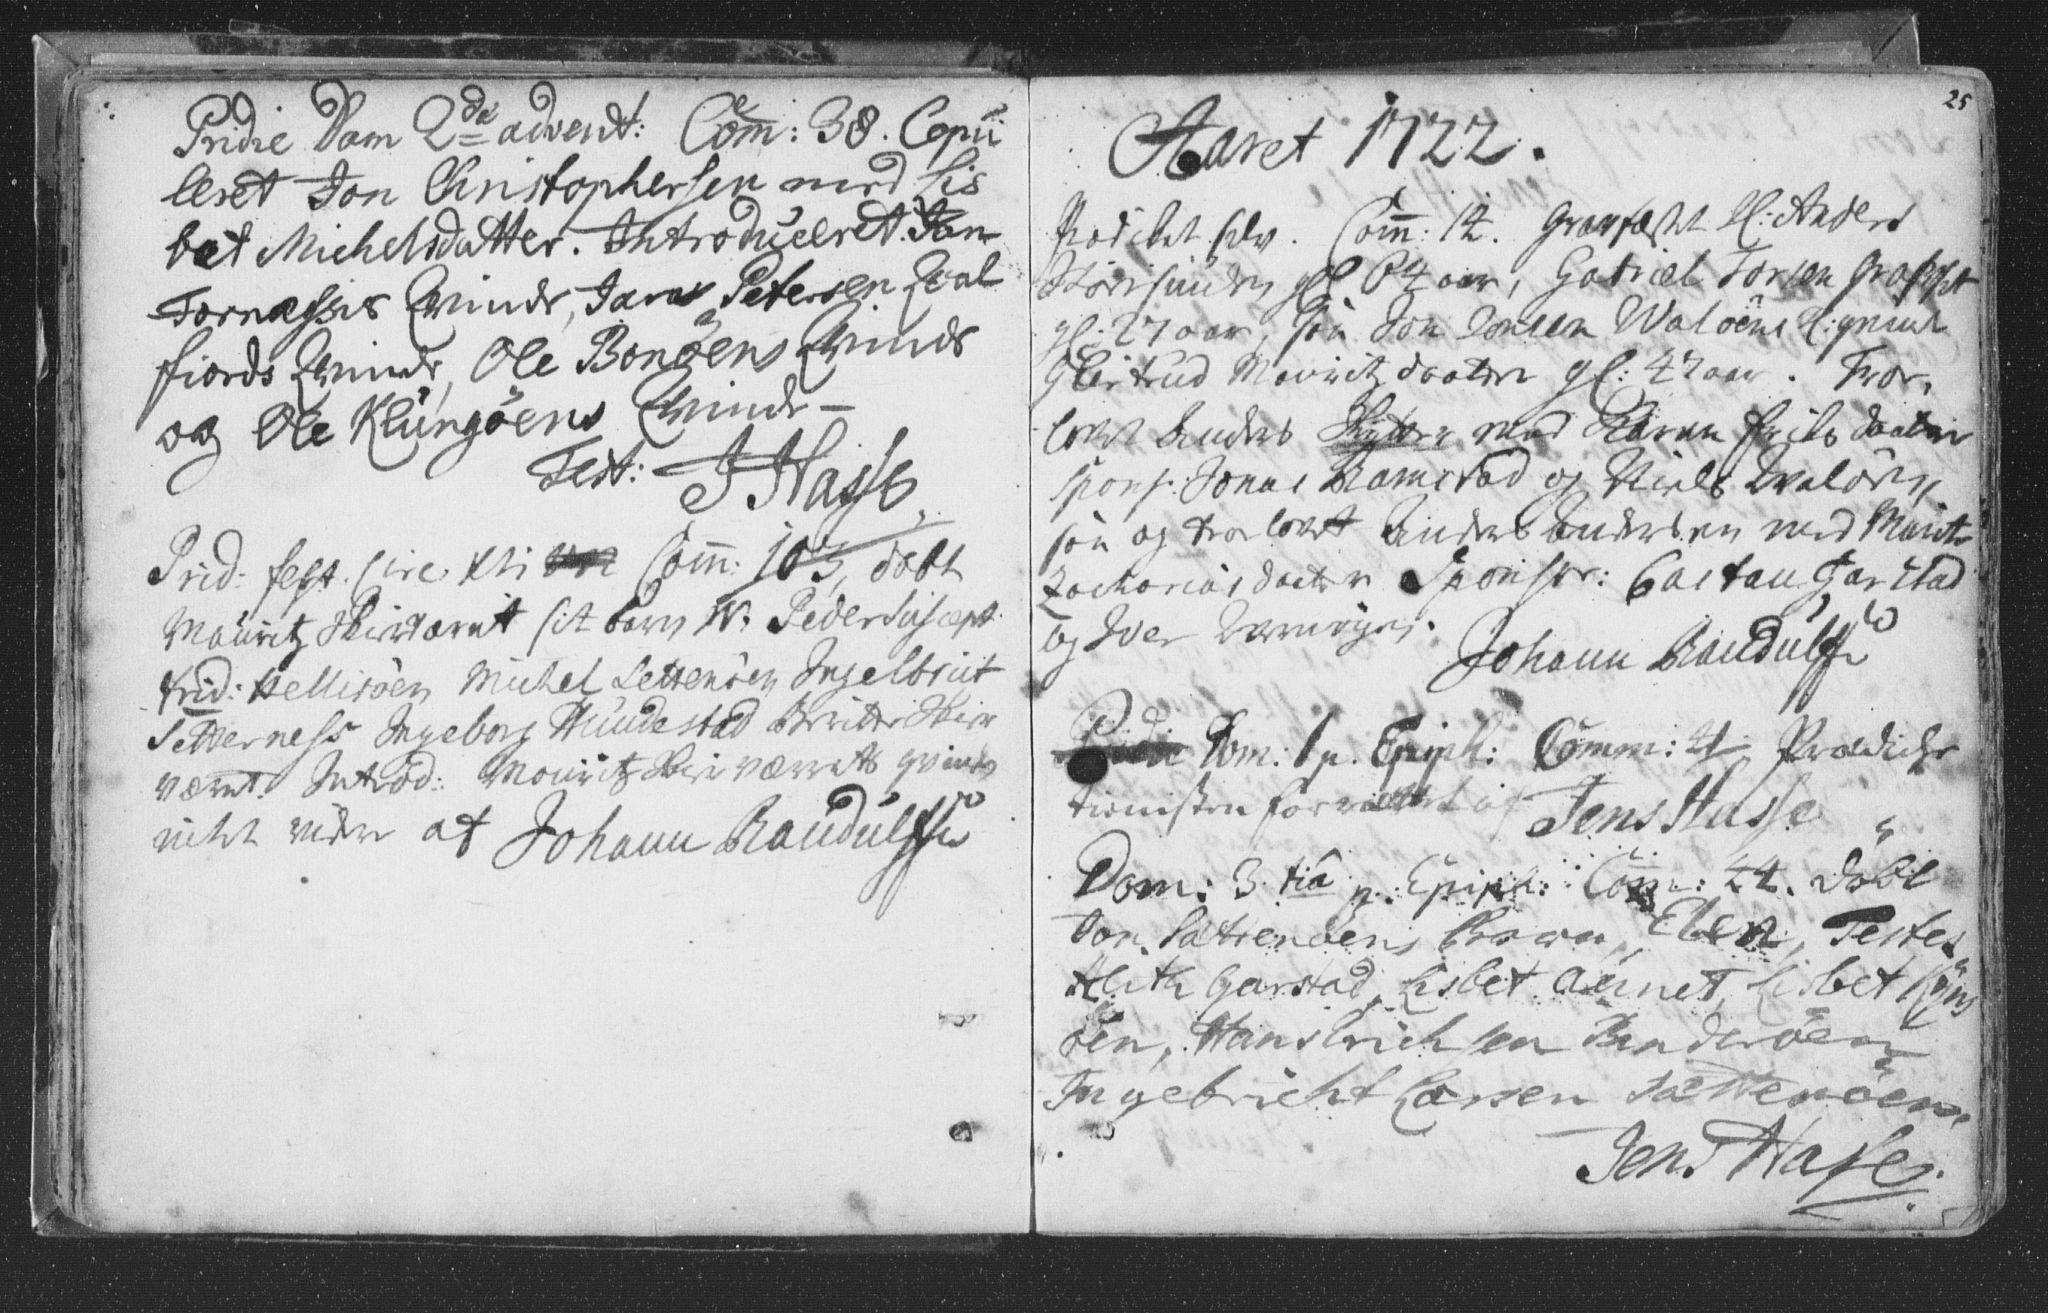 SAT, Ministerialprotokoller, klokkerbøker og fødselsregistre - Nord-Trøndelag, 786/L0685: Ministerialbok nr. 786A01, 1710-1798, s. 25